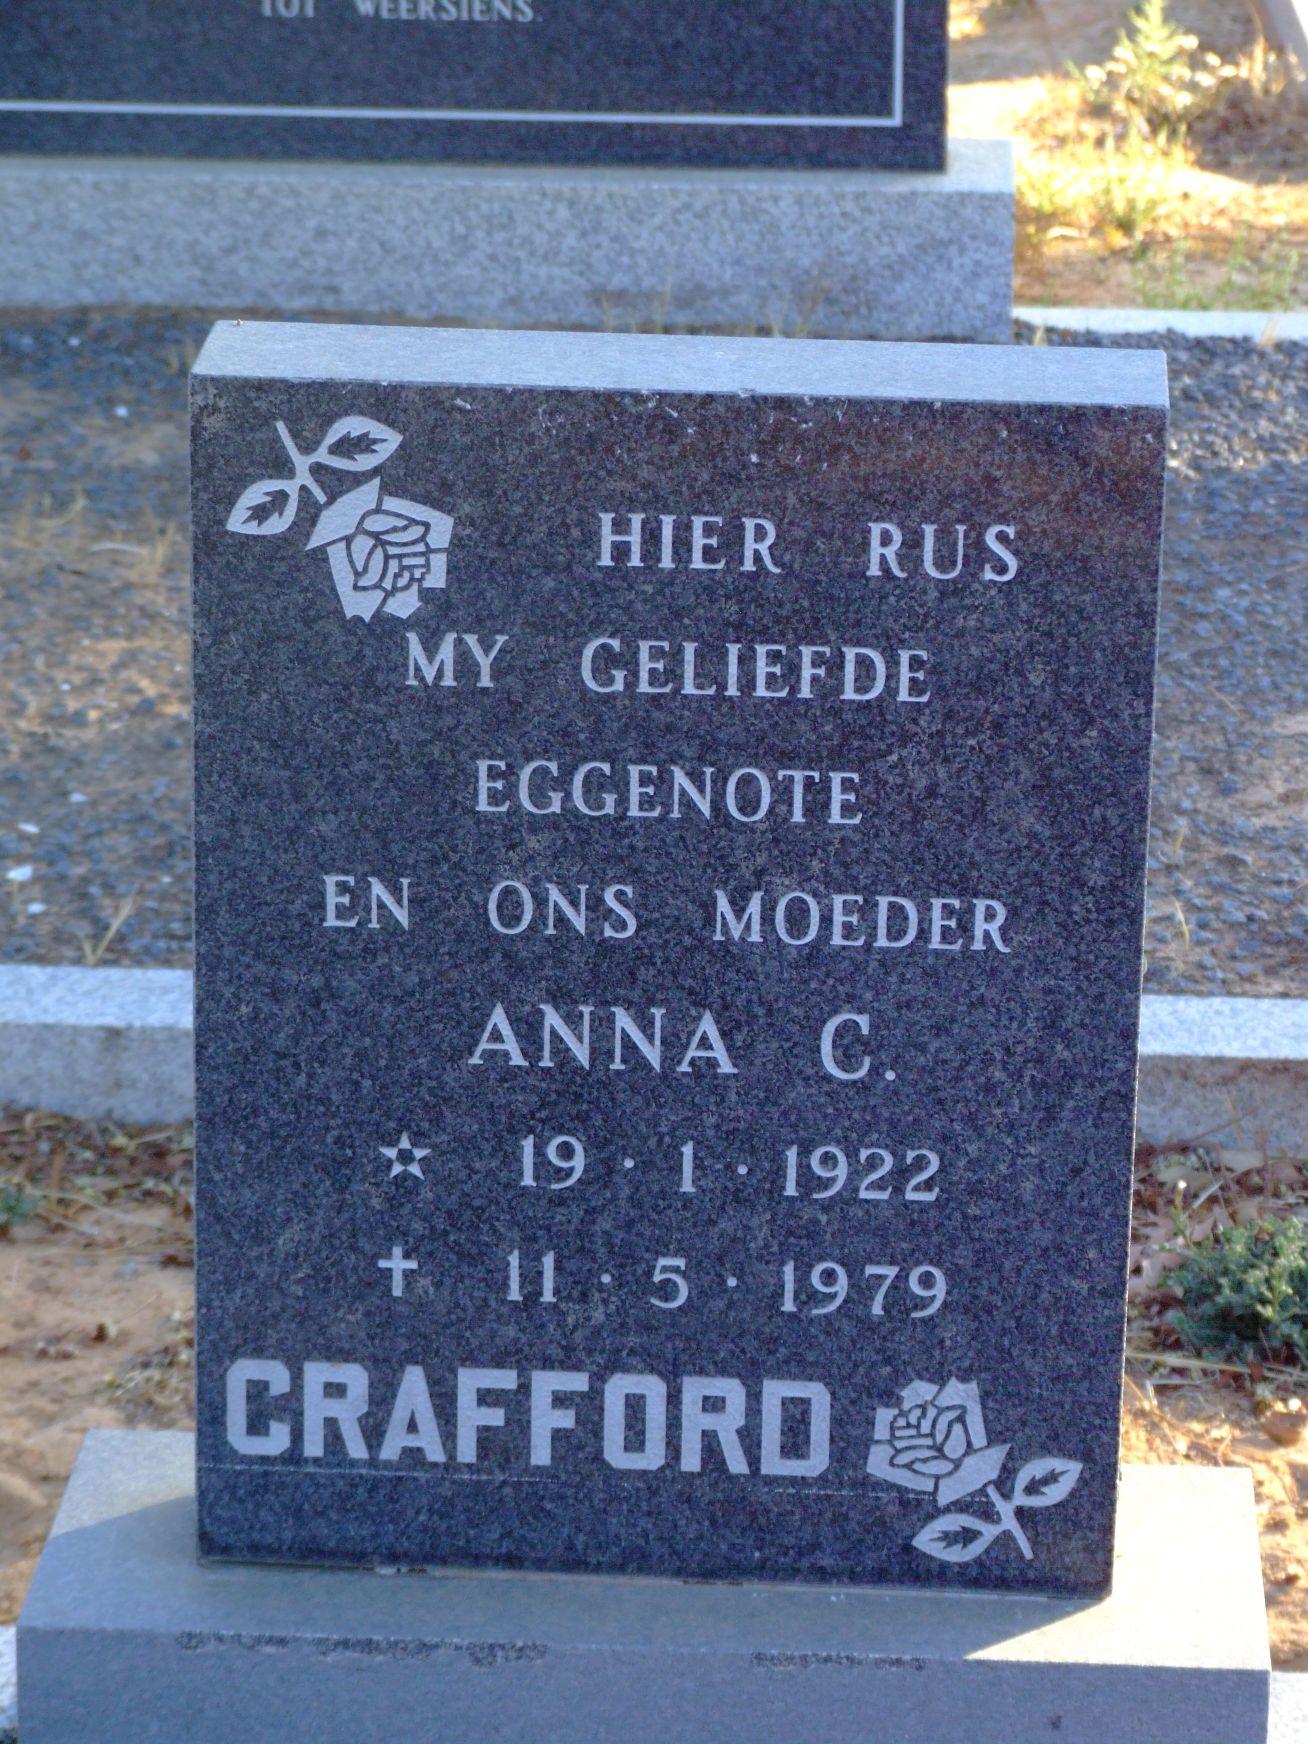 Crafford, Anna C